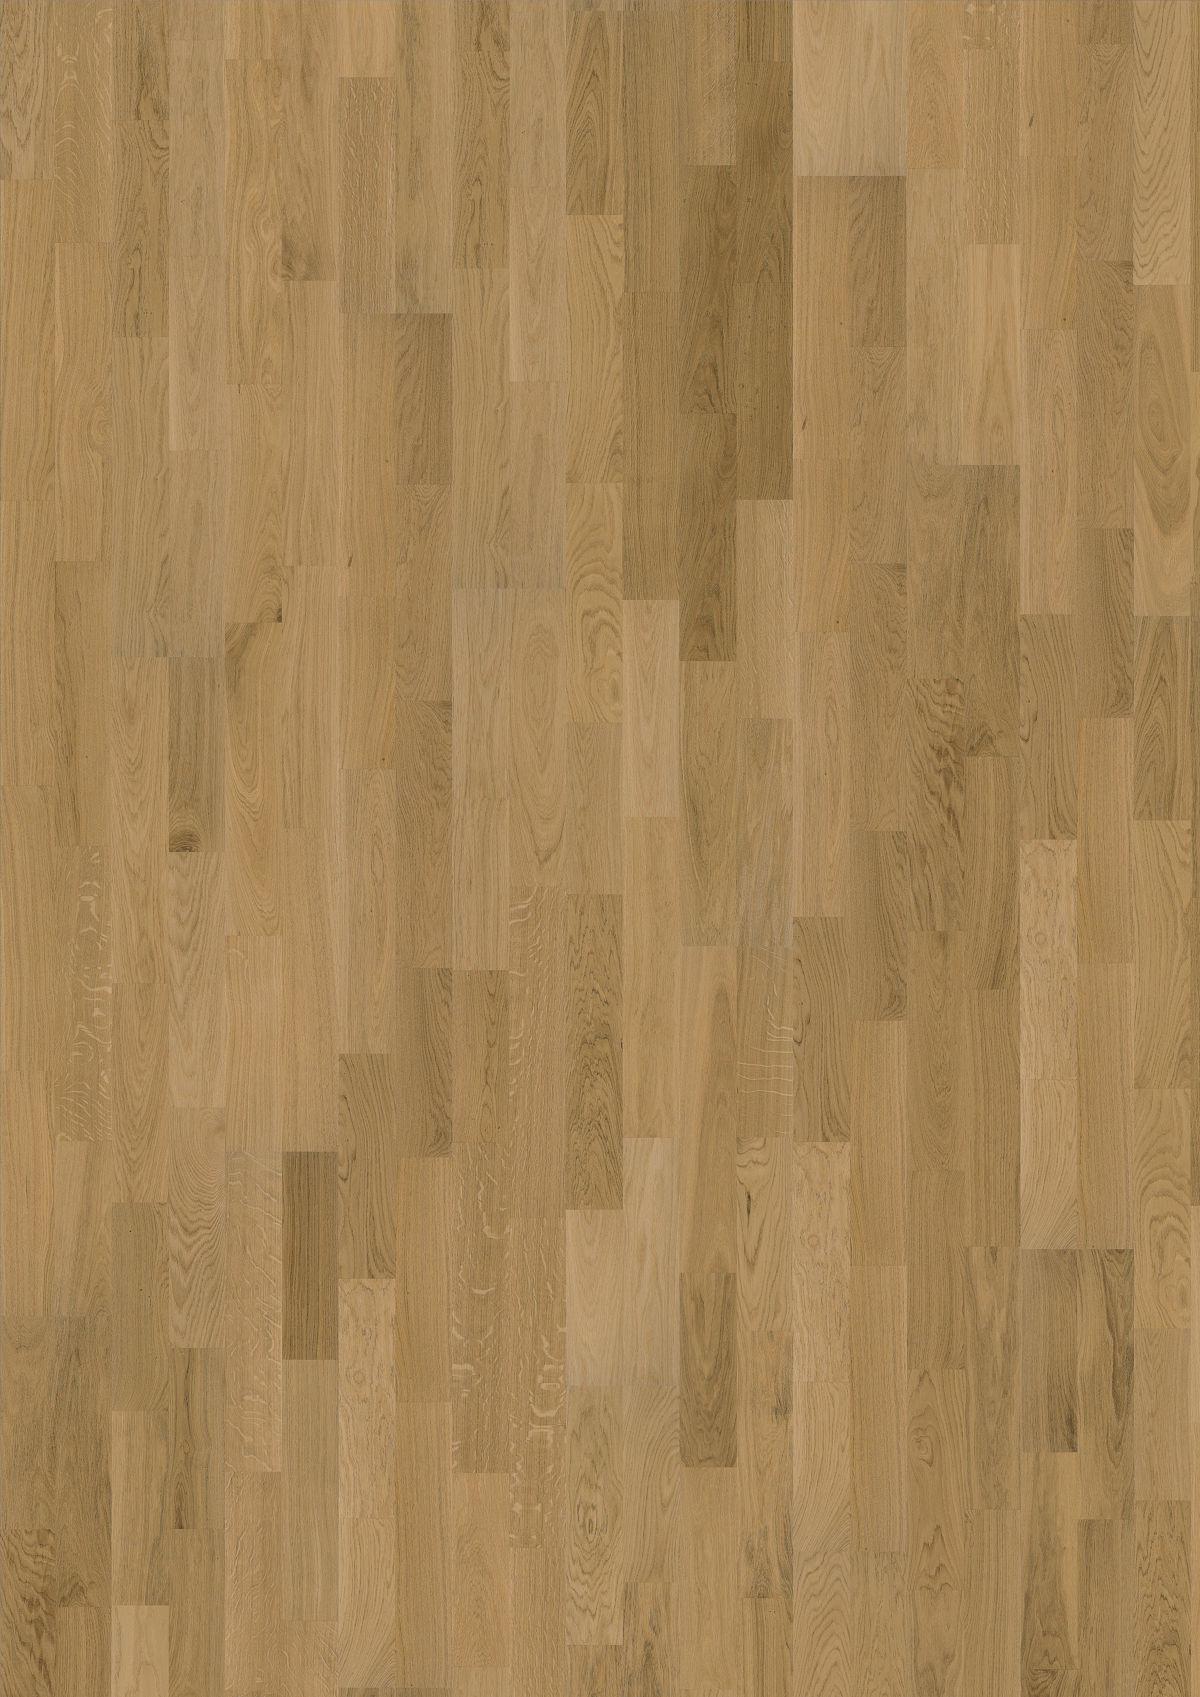 kahrs oak verona engineered wood flooring. Black Bedroom Furniture Sets. Home Design Ideas